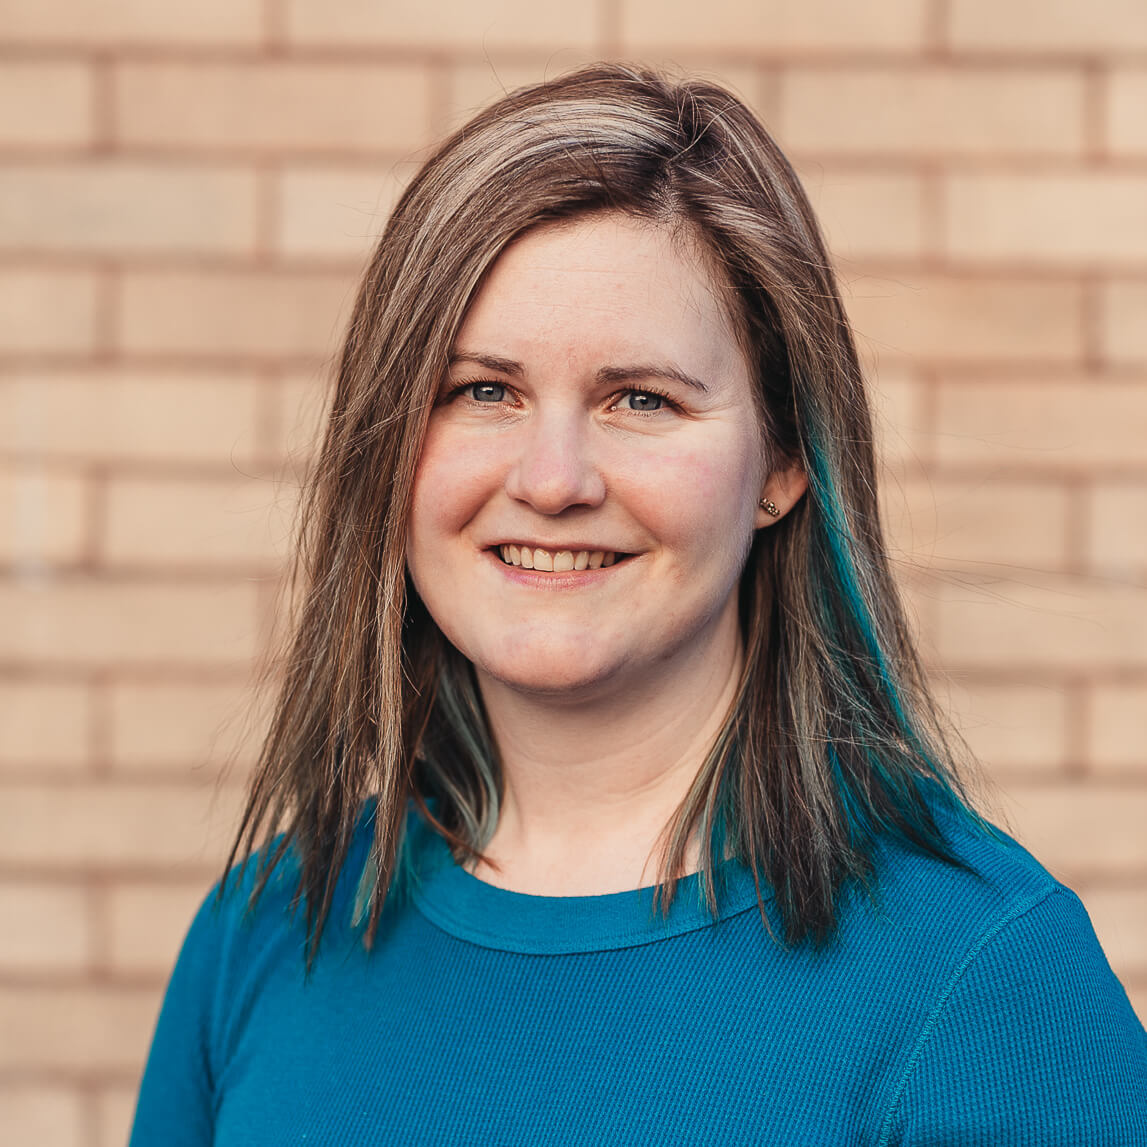 Chelsea Dale, Senior Associate